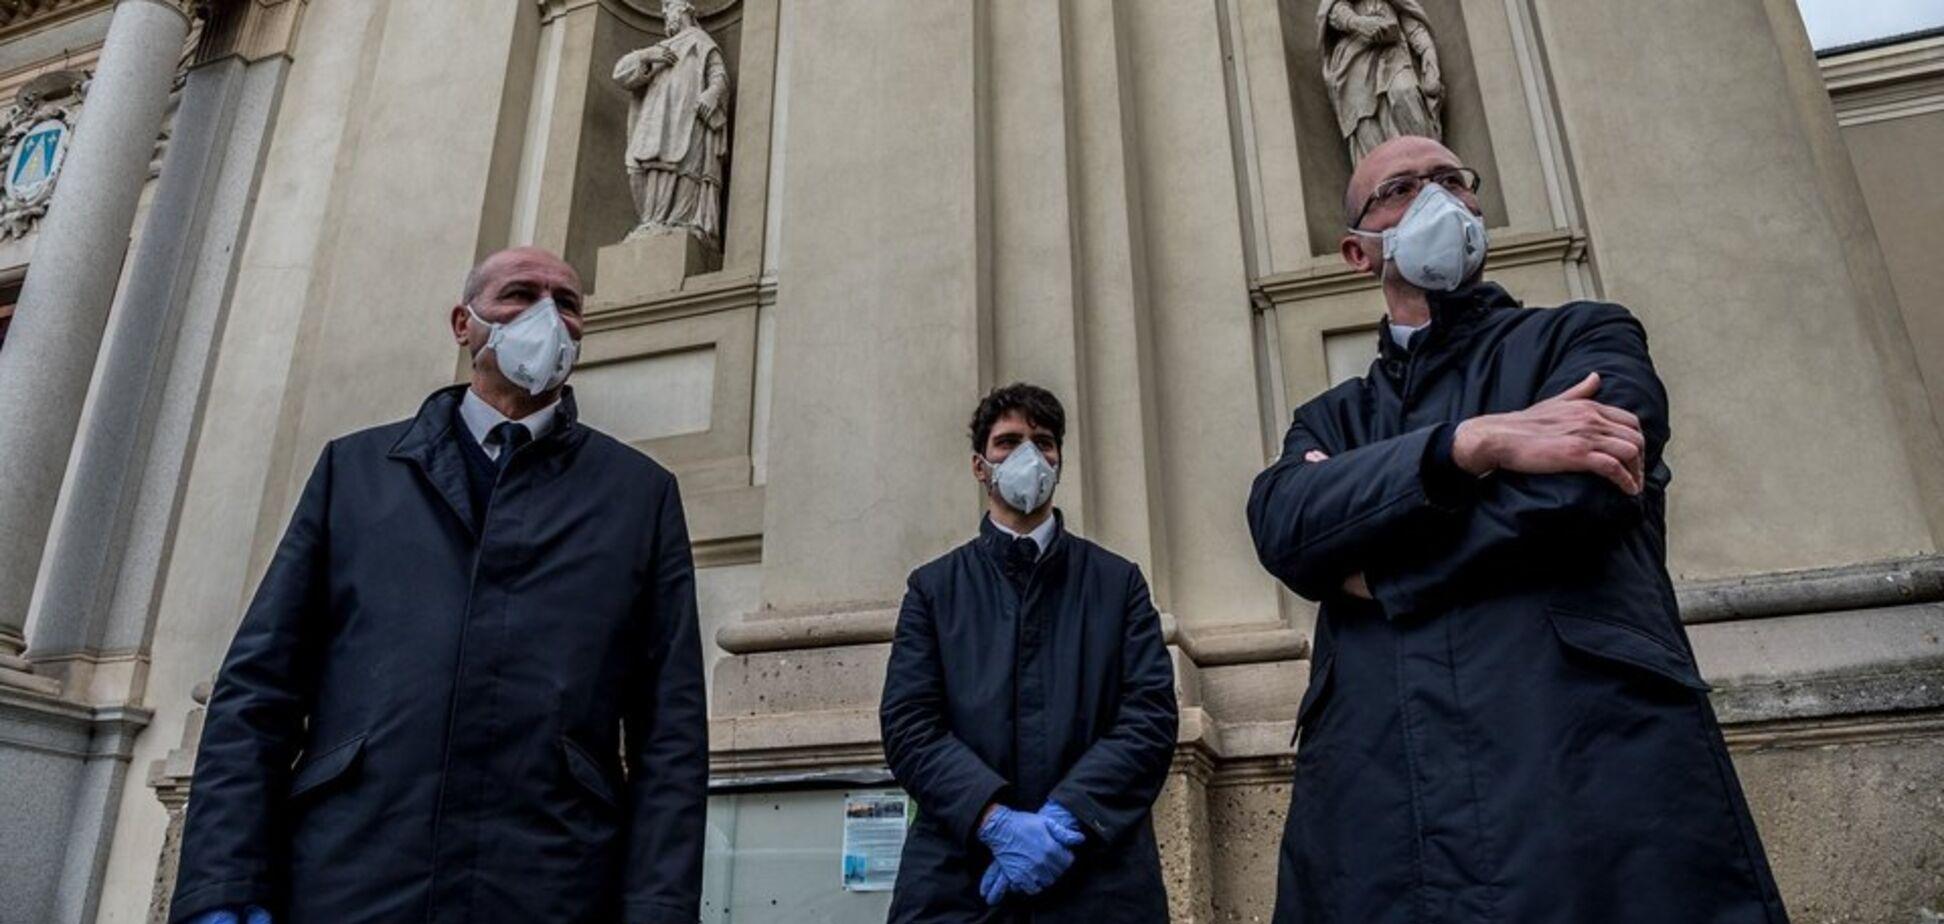 Италию охватила паника из-за коронавируса